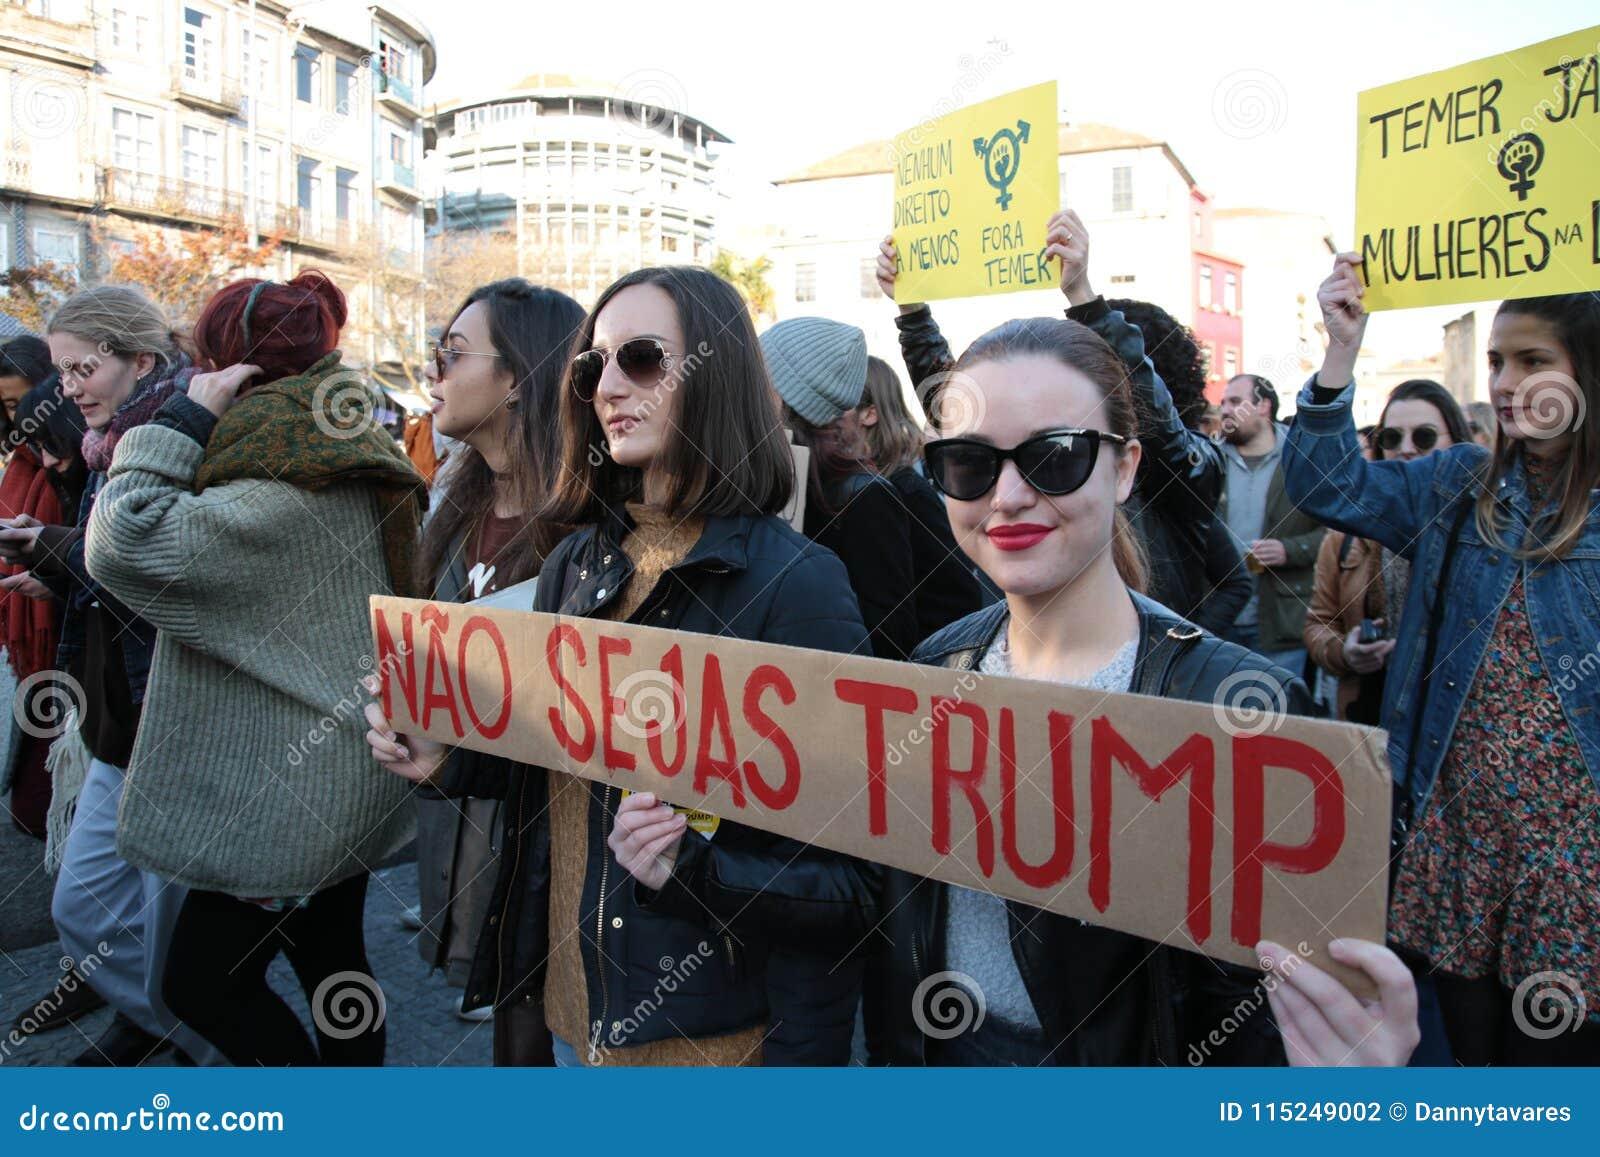 porto portugal women